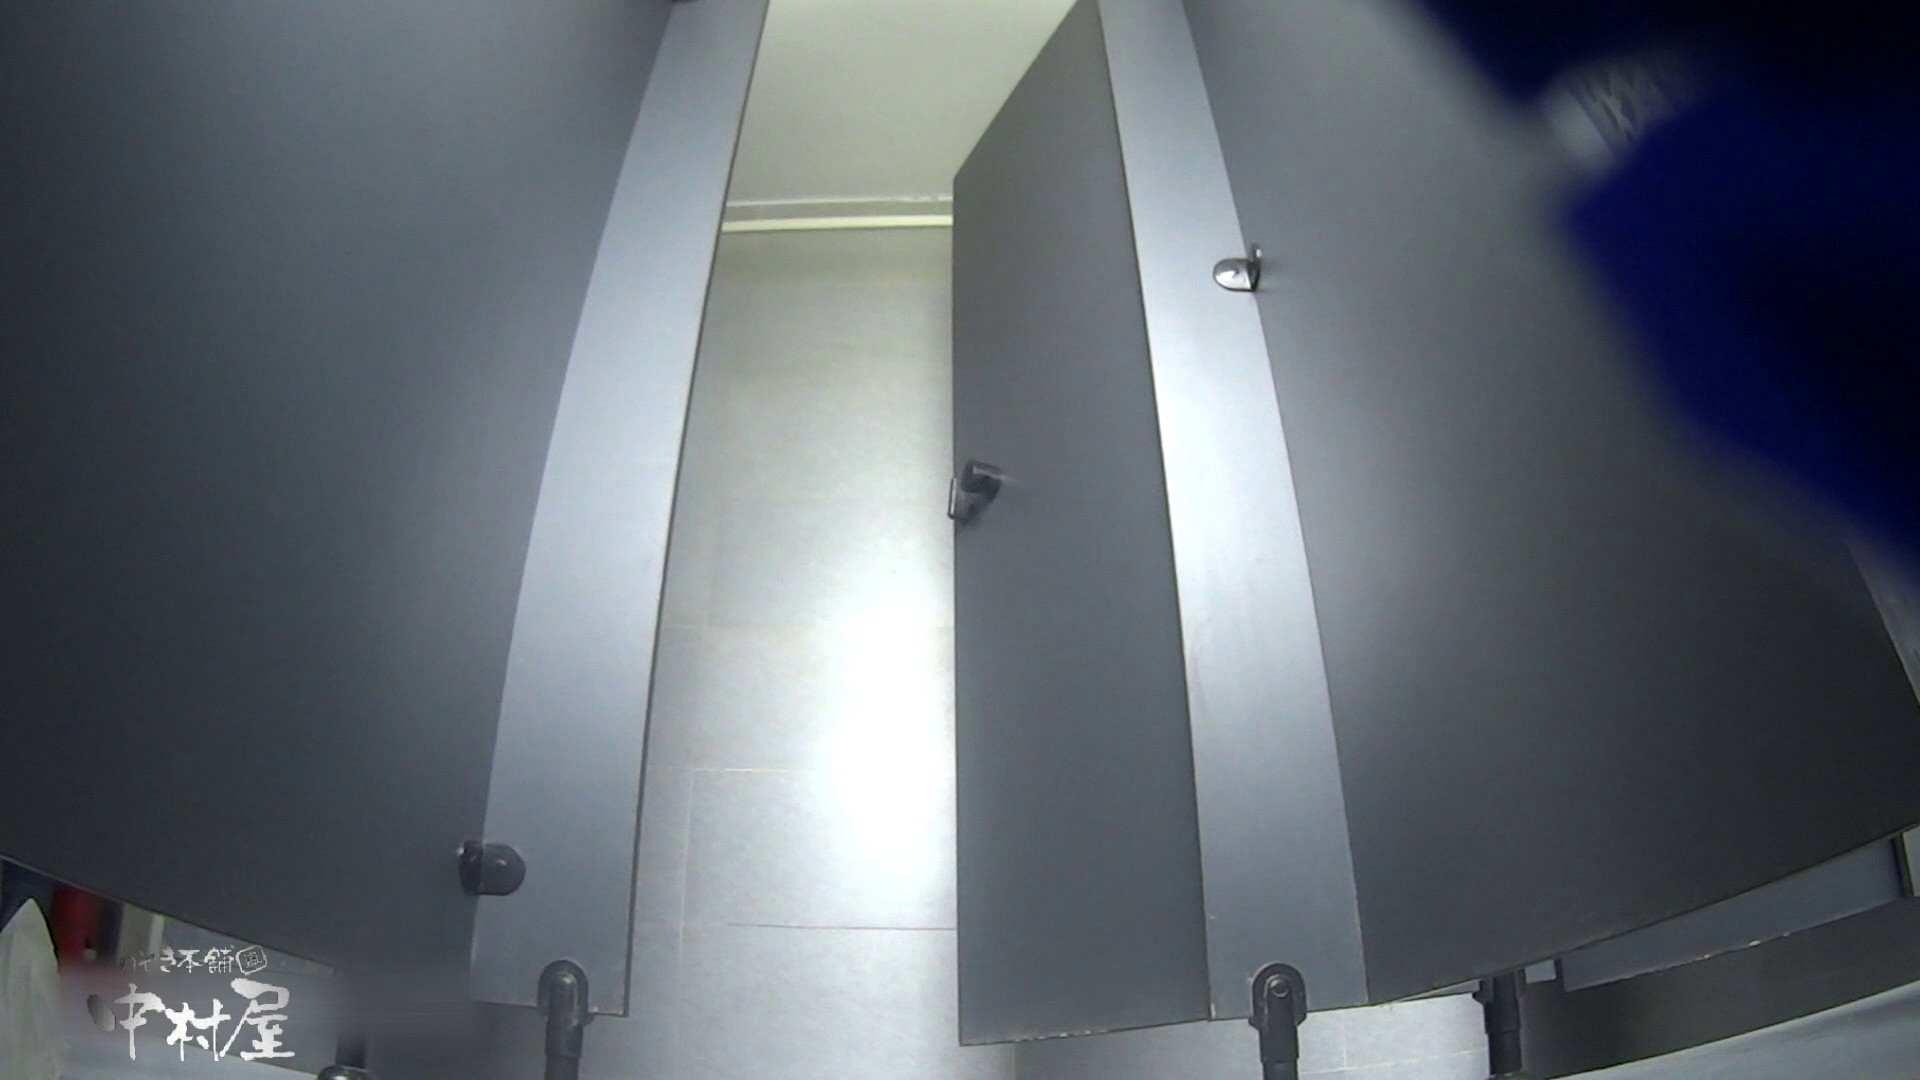 ツンデレお女市さんのトイレ事情 大学休憩時間の洗面所事情32 トイレ 盗撮画像 110PIX 89